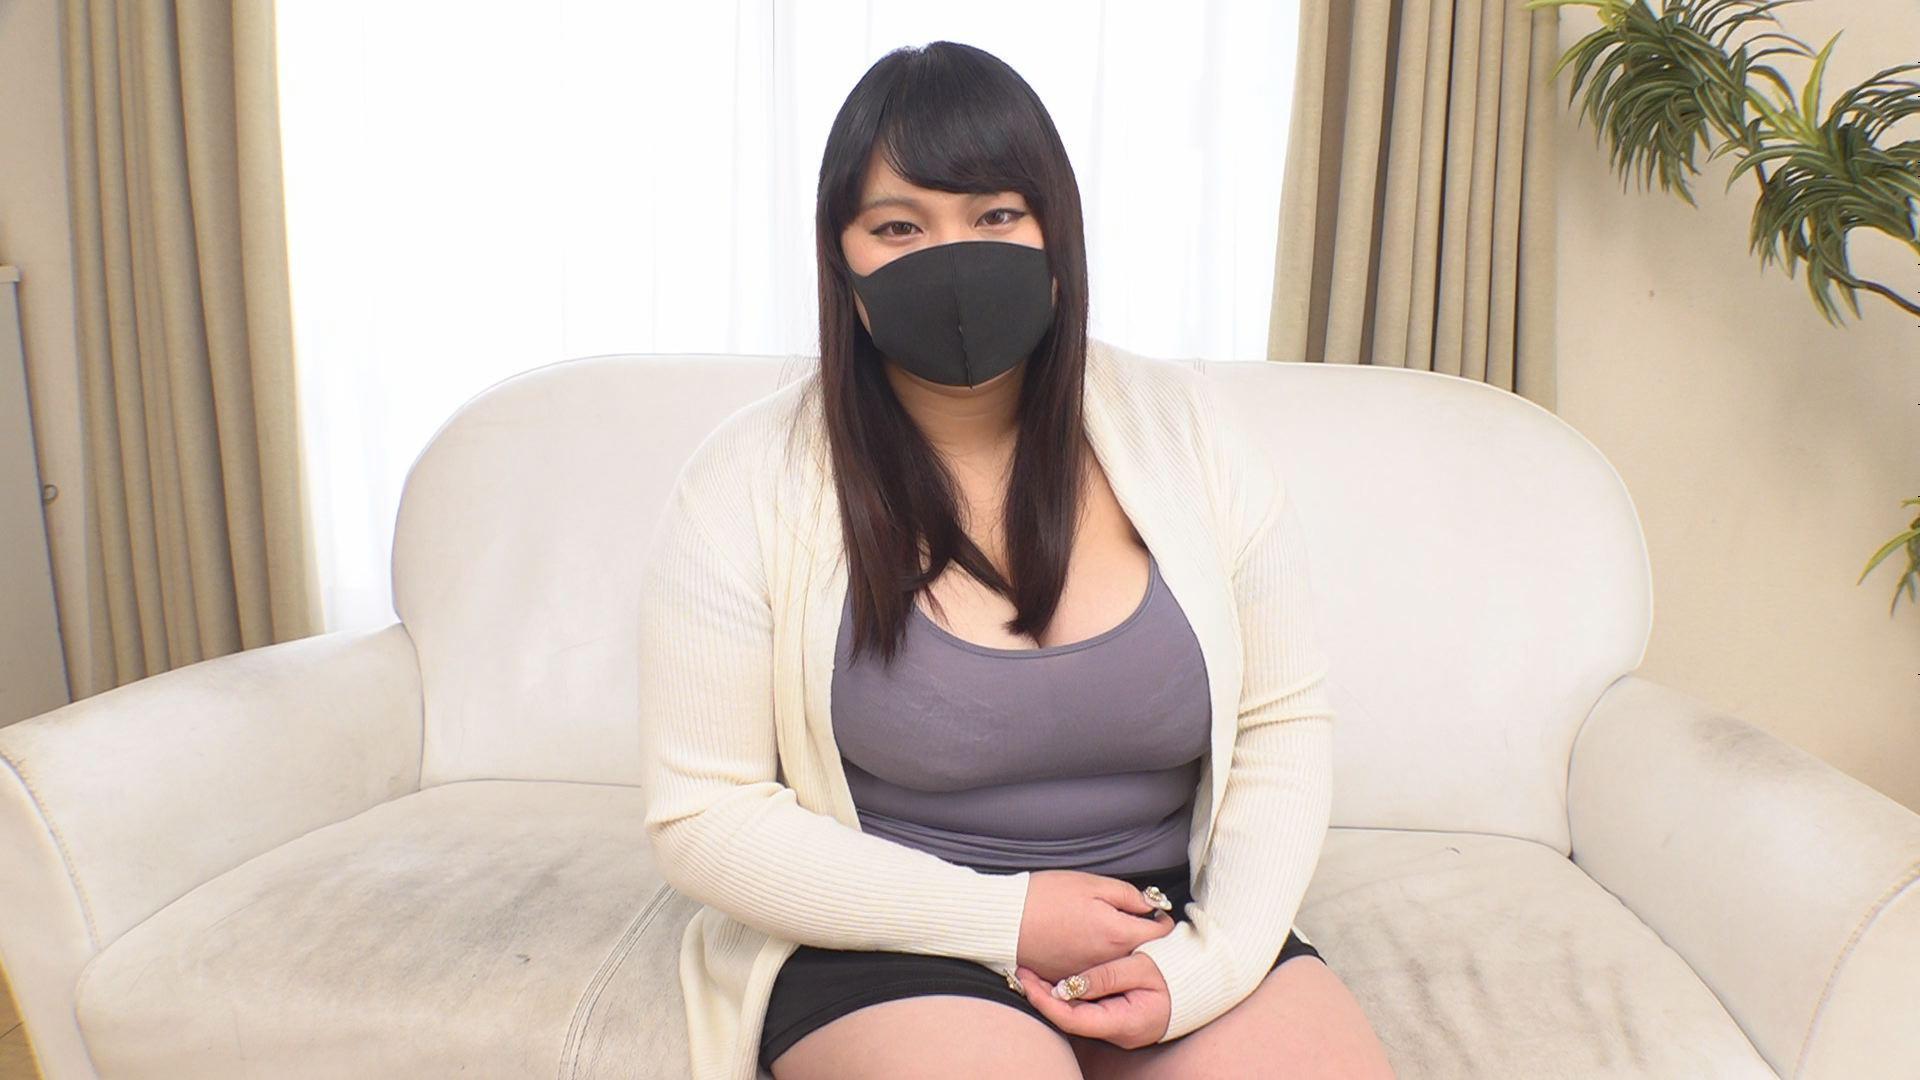 GAS独占新人 マスクでも撮りたかった張りのあるJカップ19歳 桜井美沙 画像1